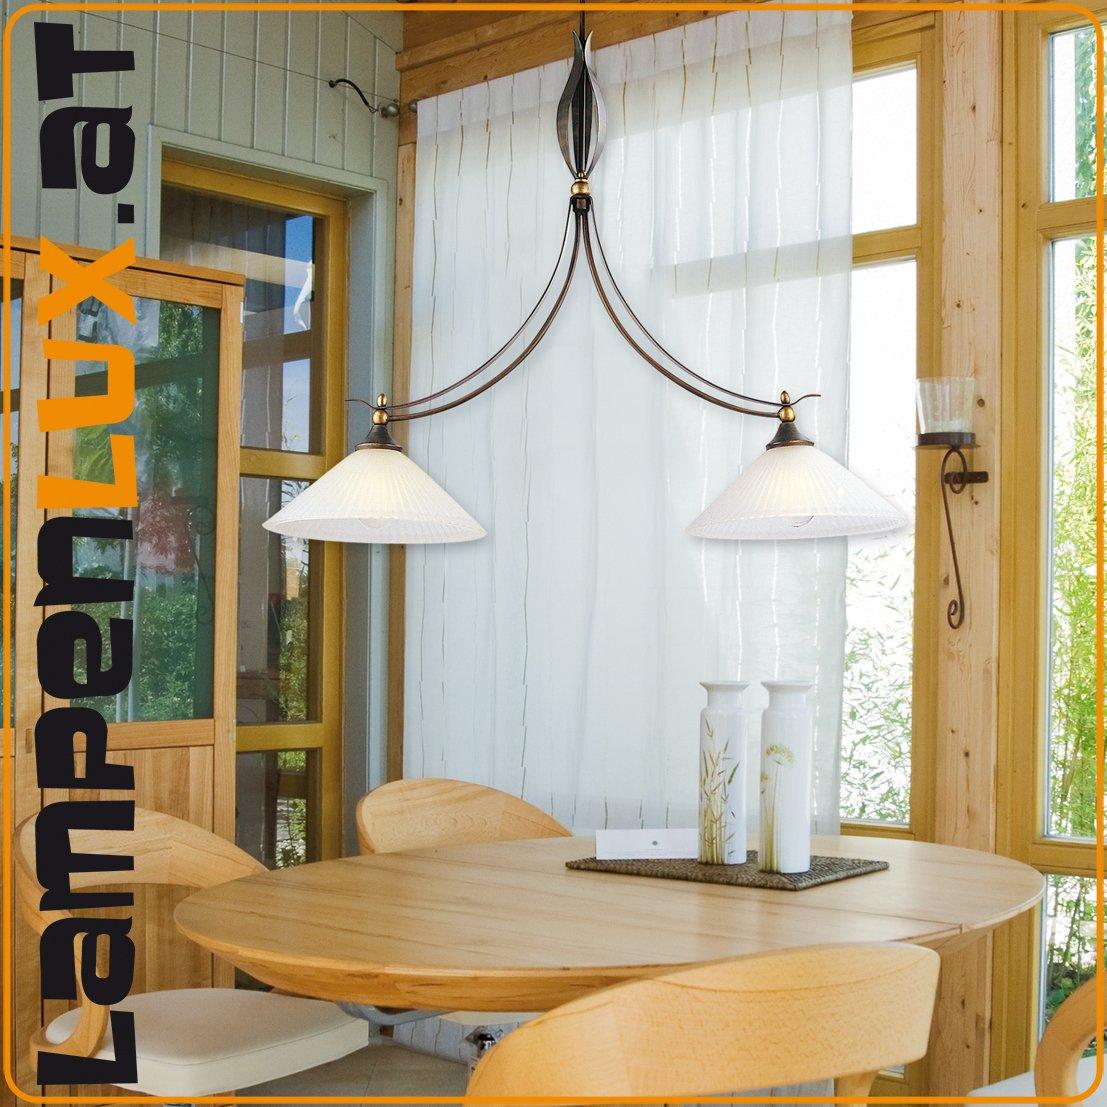 lampenlux led pendelleuchte zusa h ngeleuchte landhaus. Black Bedroom Furniture Sets. Home Design Ideas